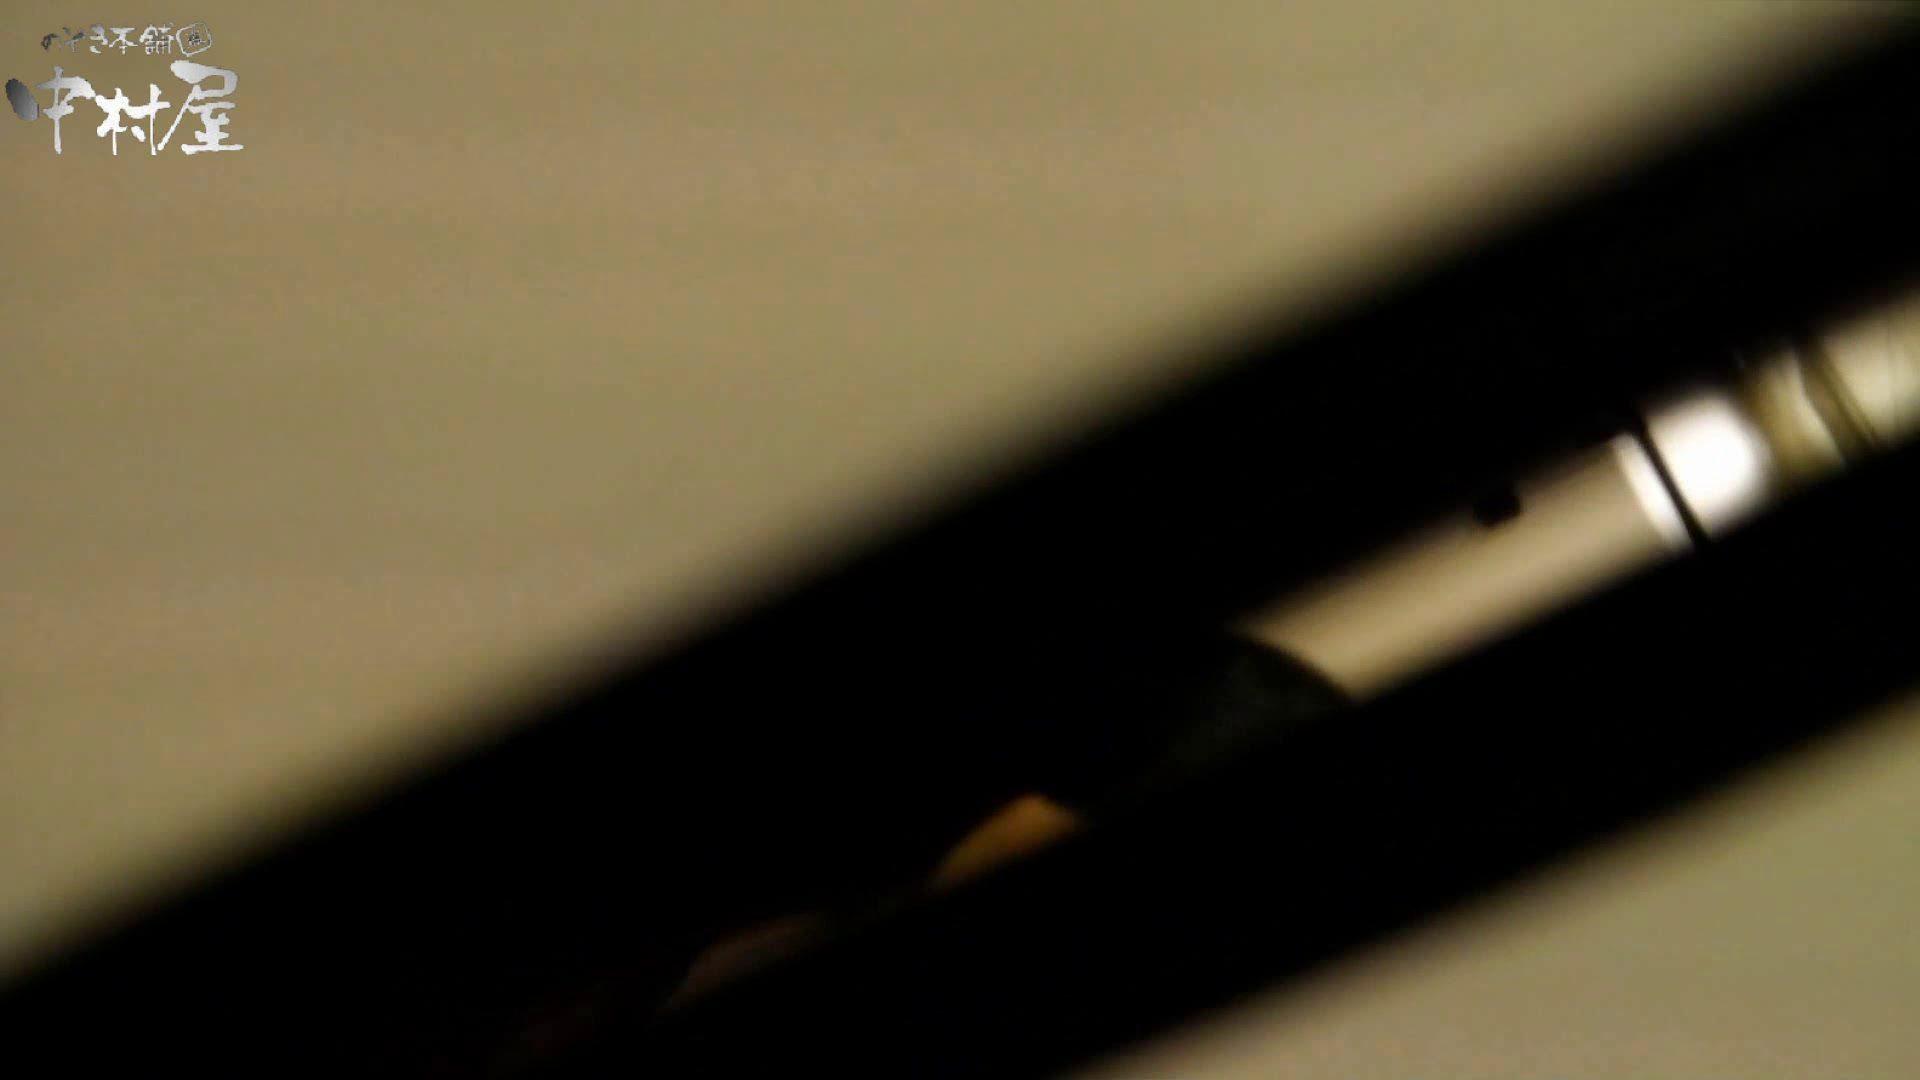 新世界の射窓 No72 モデル級なら個室から飛び出て追っかけます モデルヌード | 洗面所  81pic 65